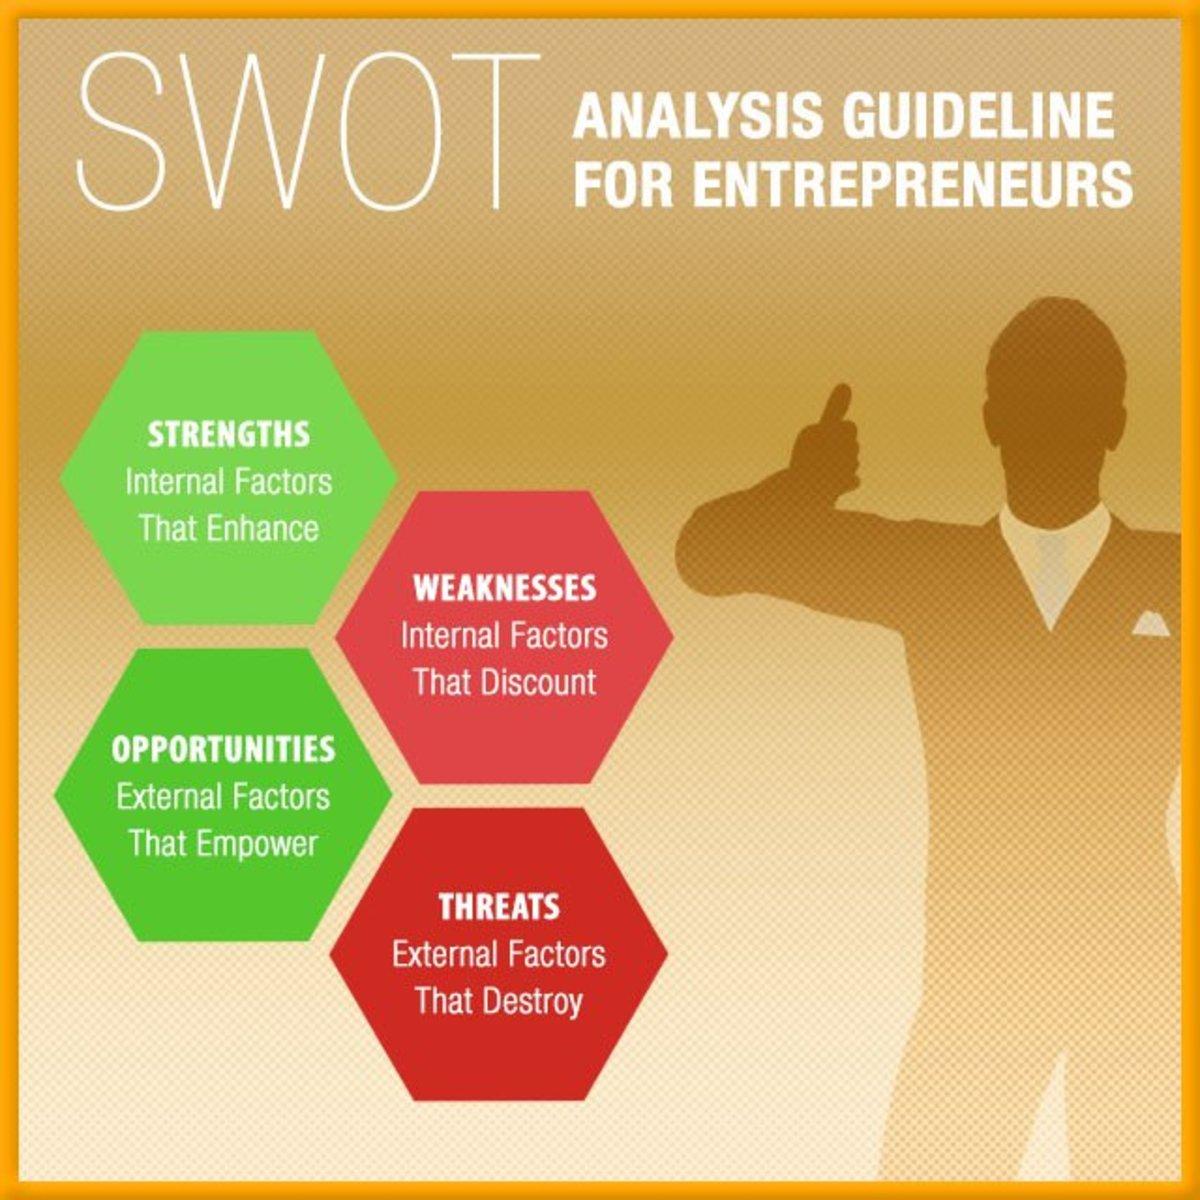 SWOT Analysis for Entrepreneurs, in Guideline Format